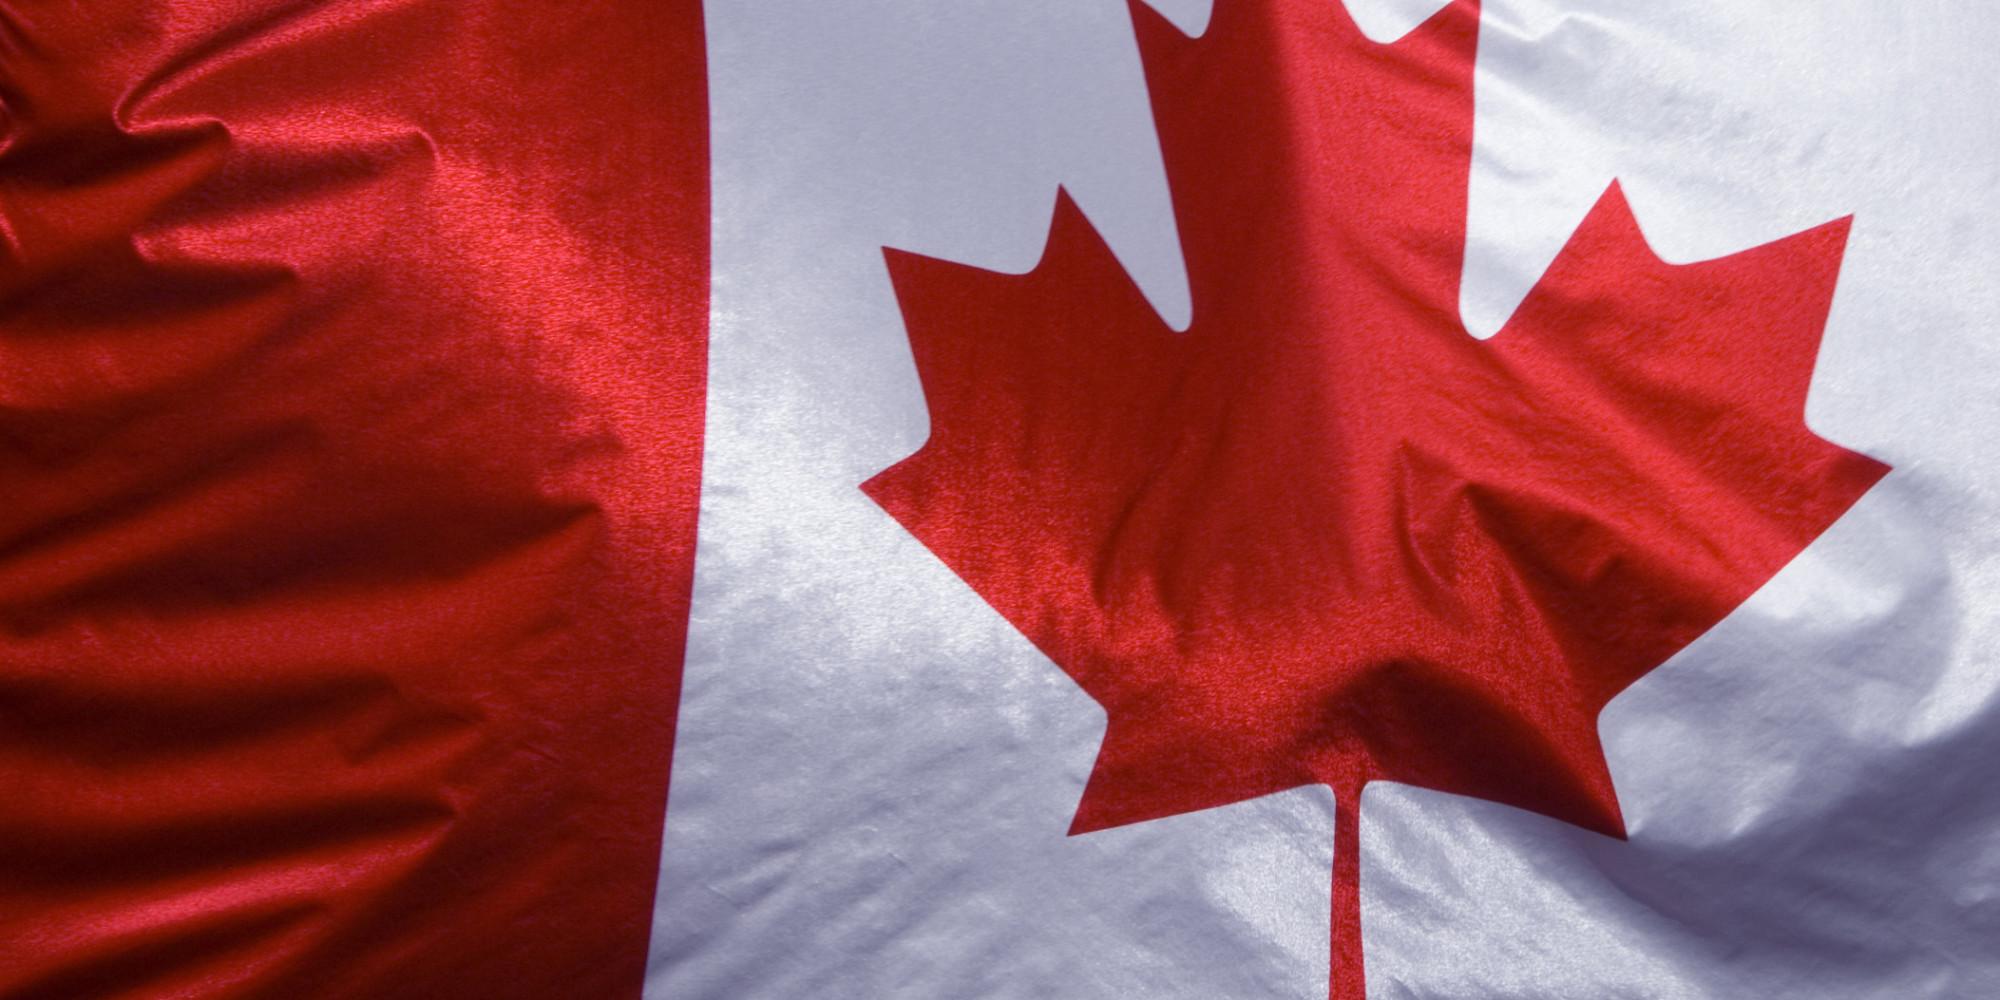 un membre des forces arm u00e9es canadiennes meurt  u00e0 amman  en